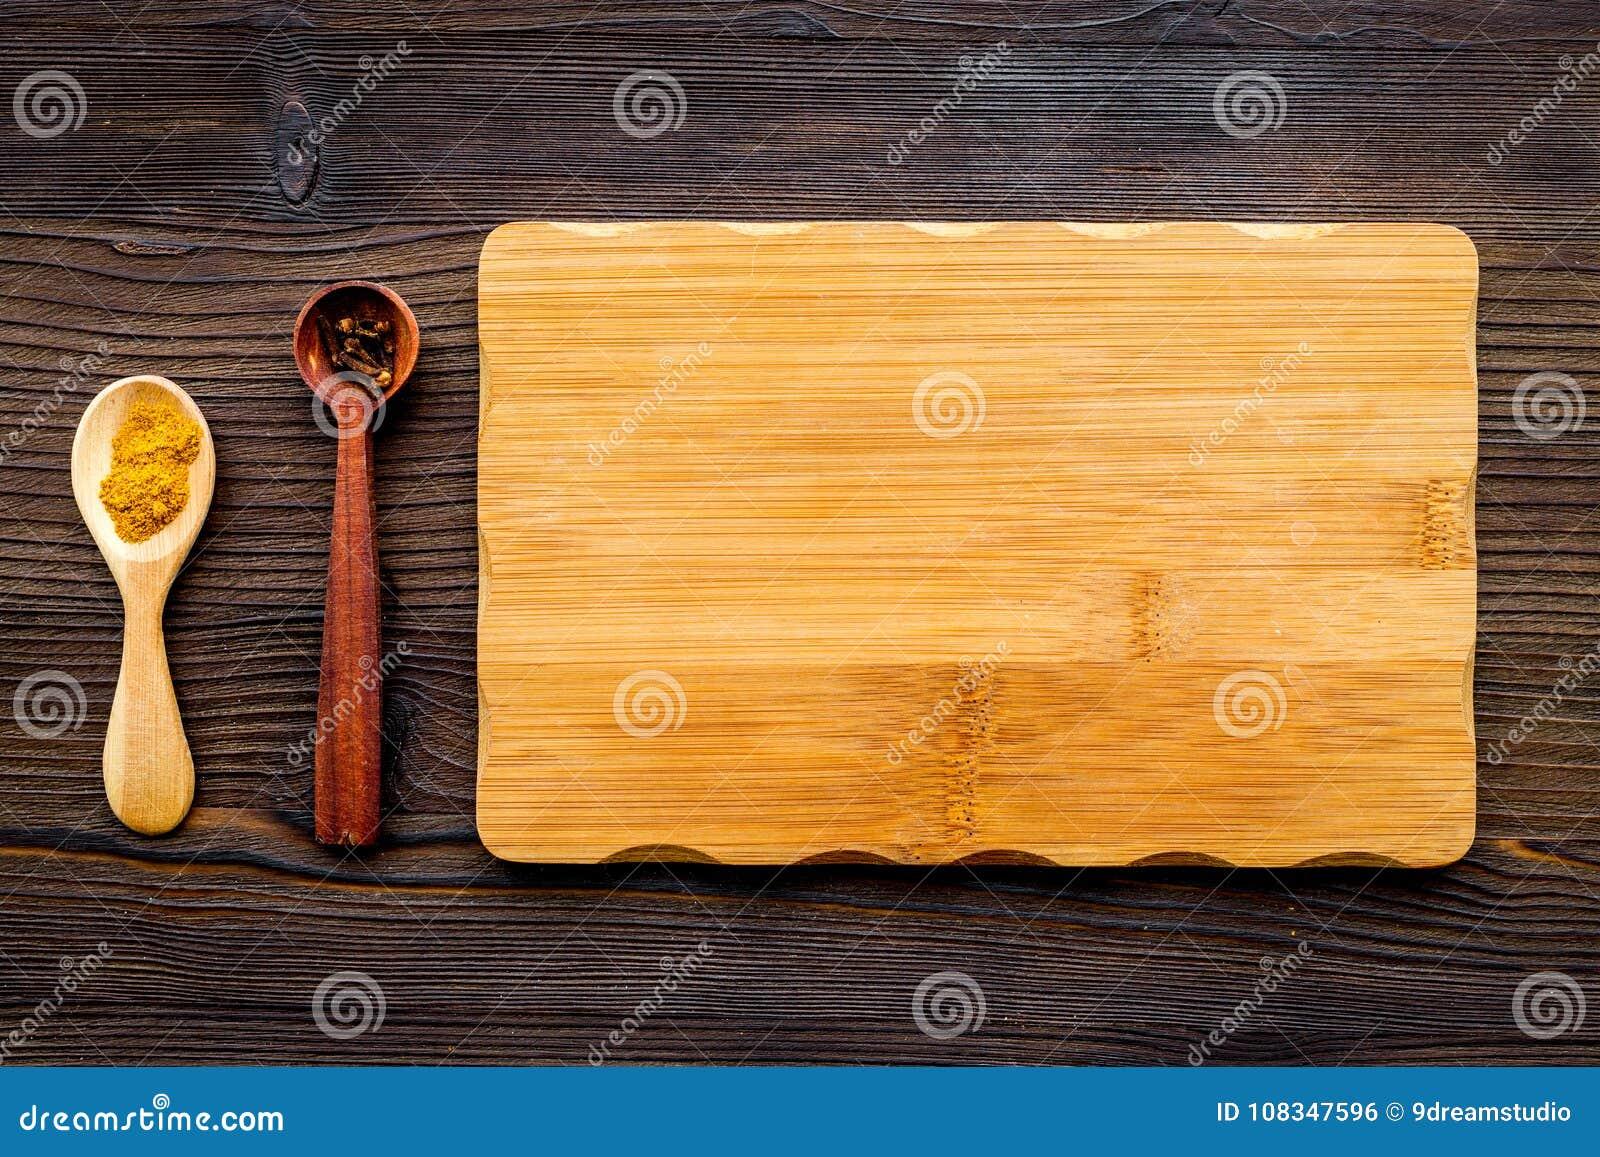 Credenza Con Tagliere : Cucini un pasto derisione su per il menu o la ricetta tagliere di